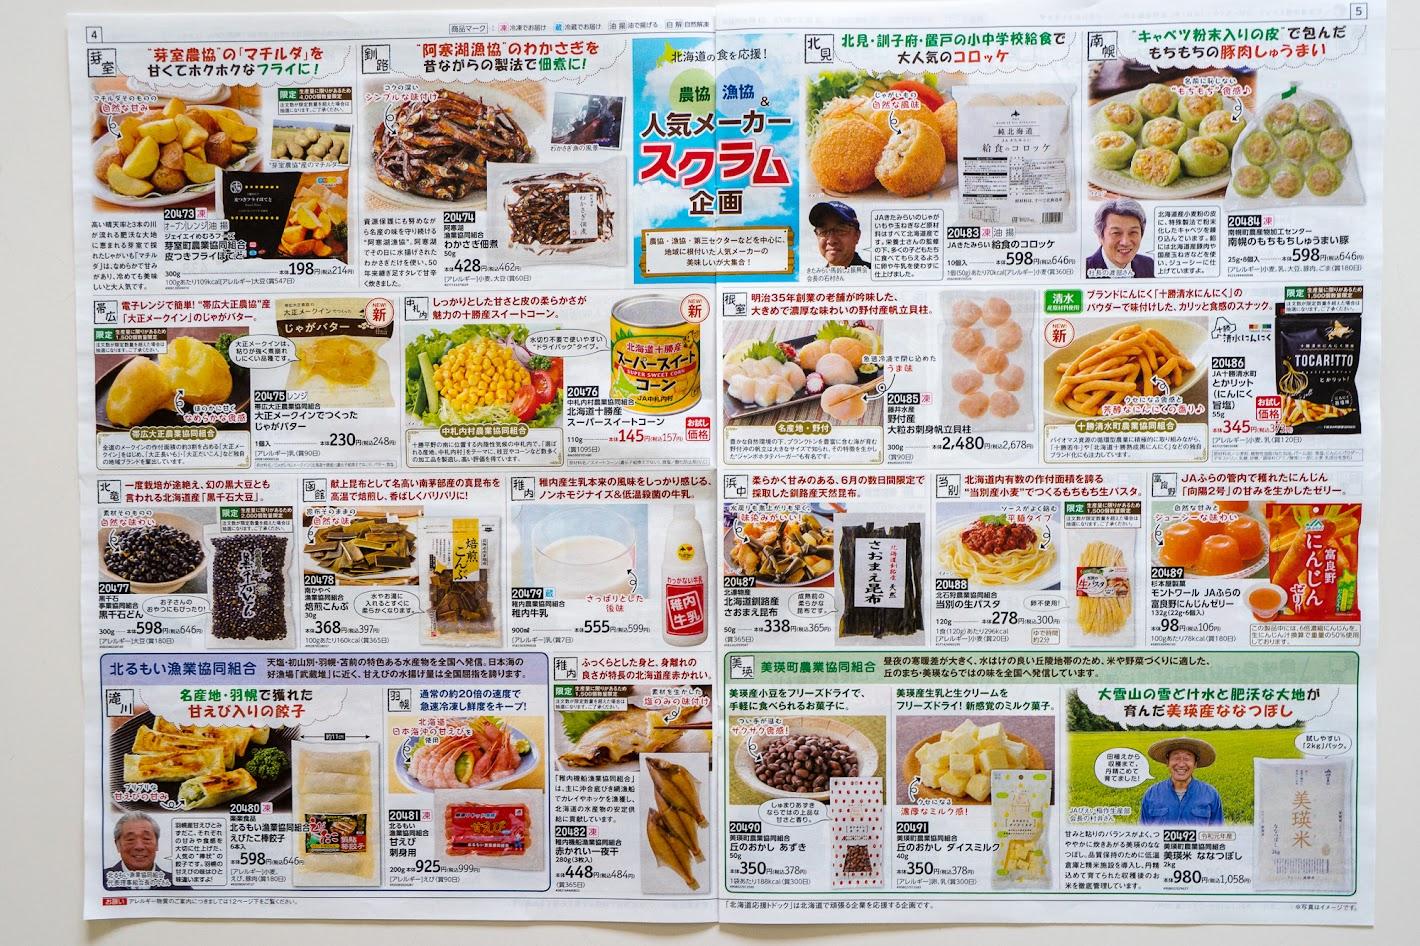 北海道の食を応援:農協・漁協・人気メーカースクラム企画